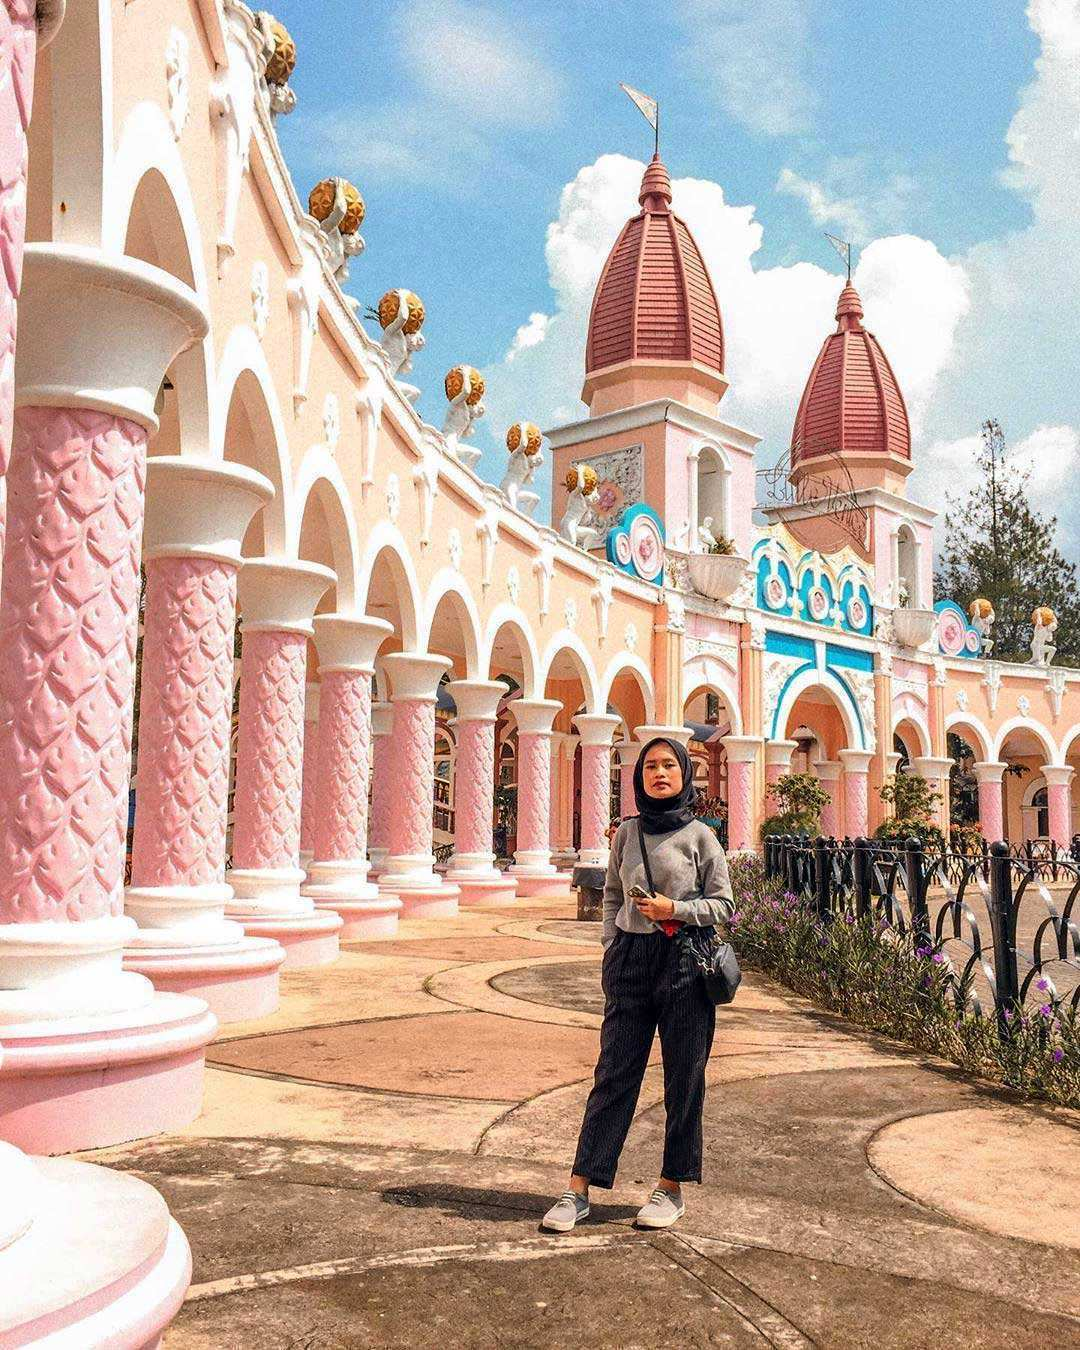 Harga Tiket Masuk Little Venice Kota Bunga Cianjur November 8